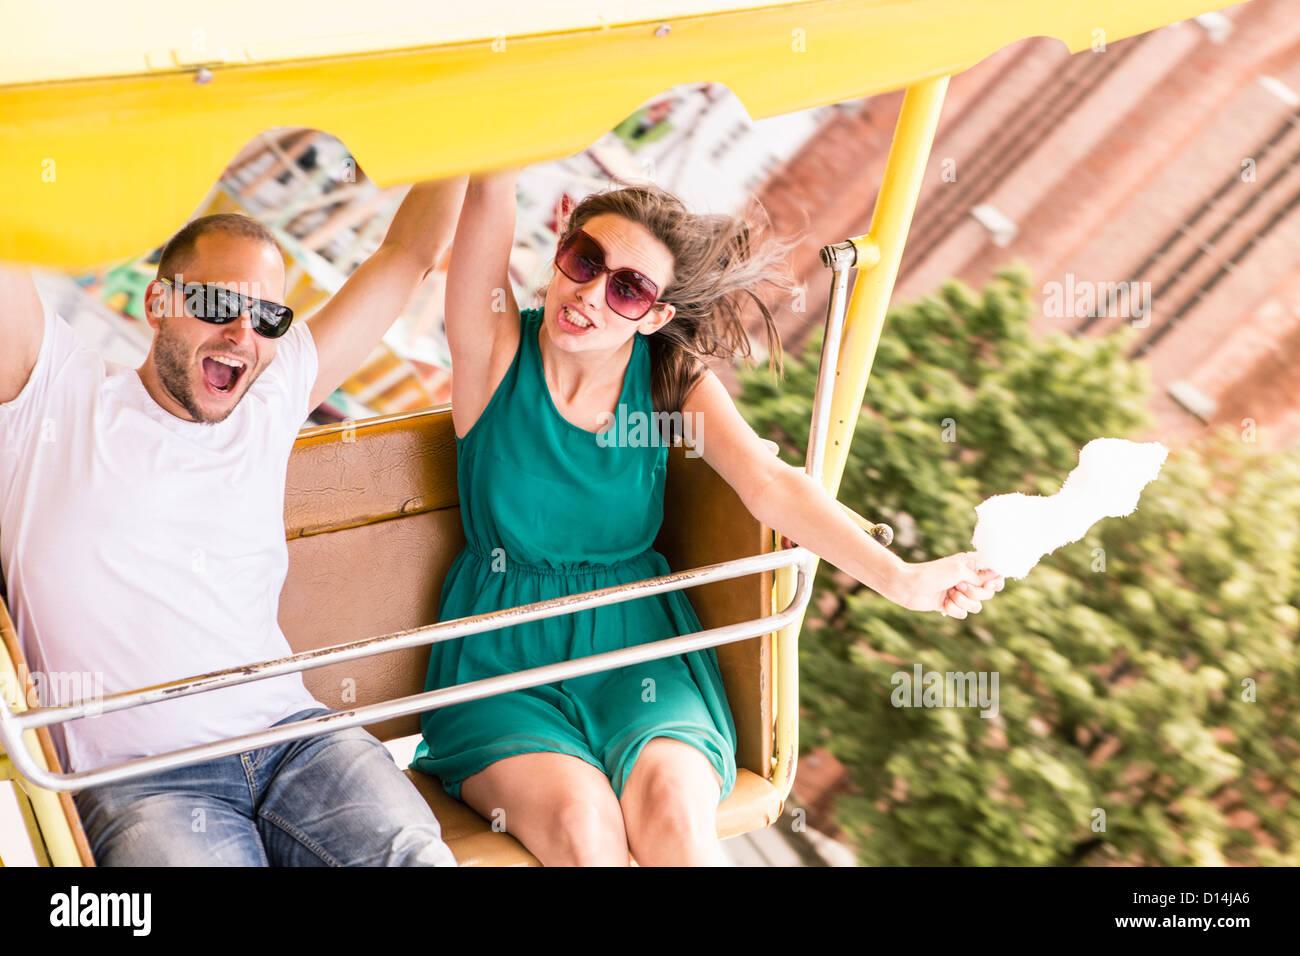 Couple riding amusement park ride - Stock Image